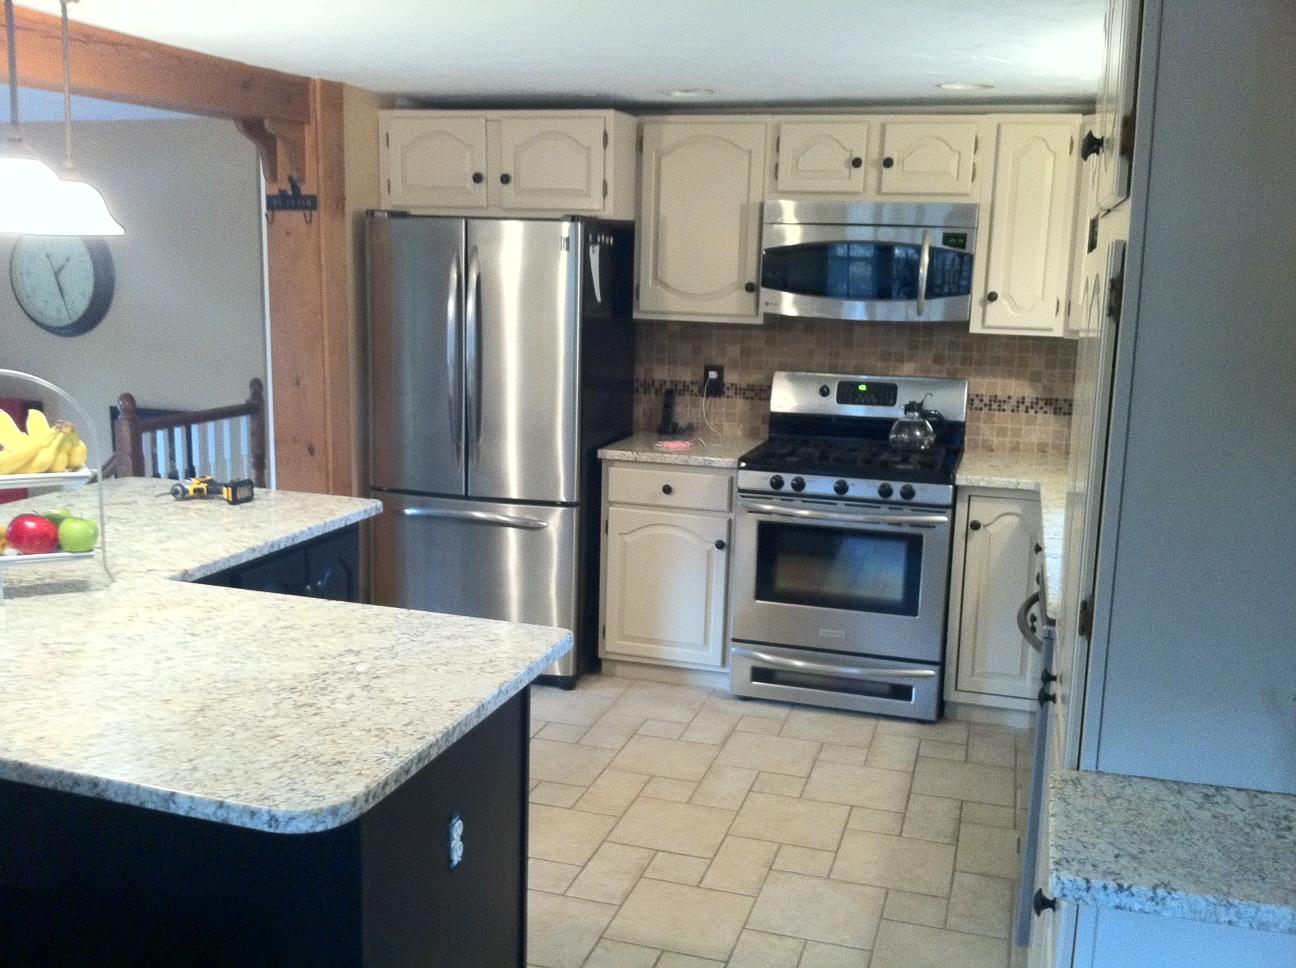 Kitchen cabinets rhode island - Cabinet Refacing In North Smithfield Rhode Island Kitchen